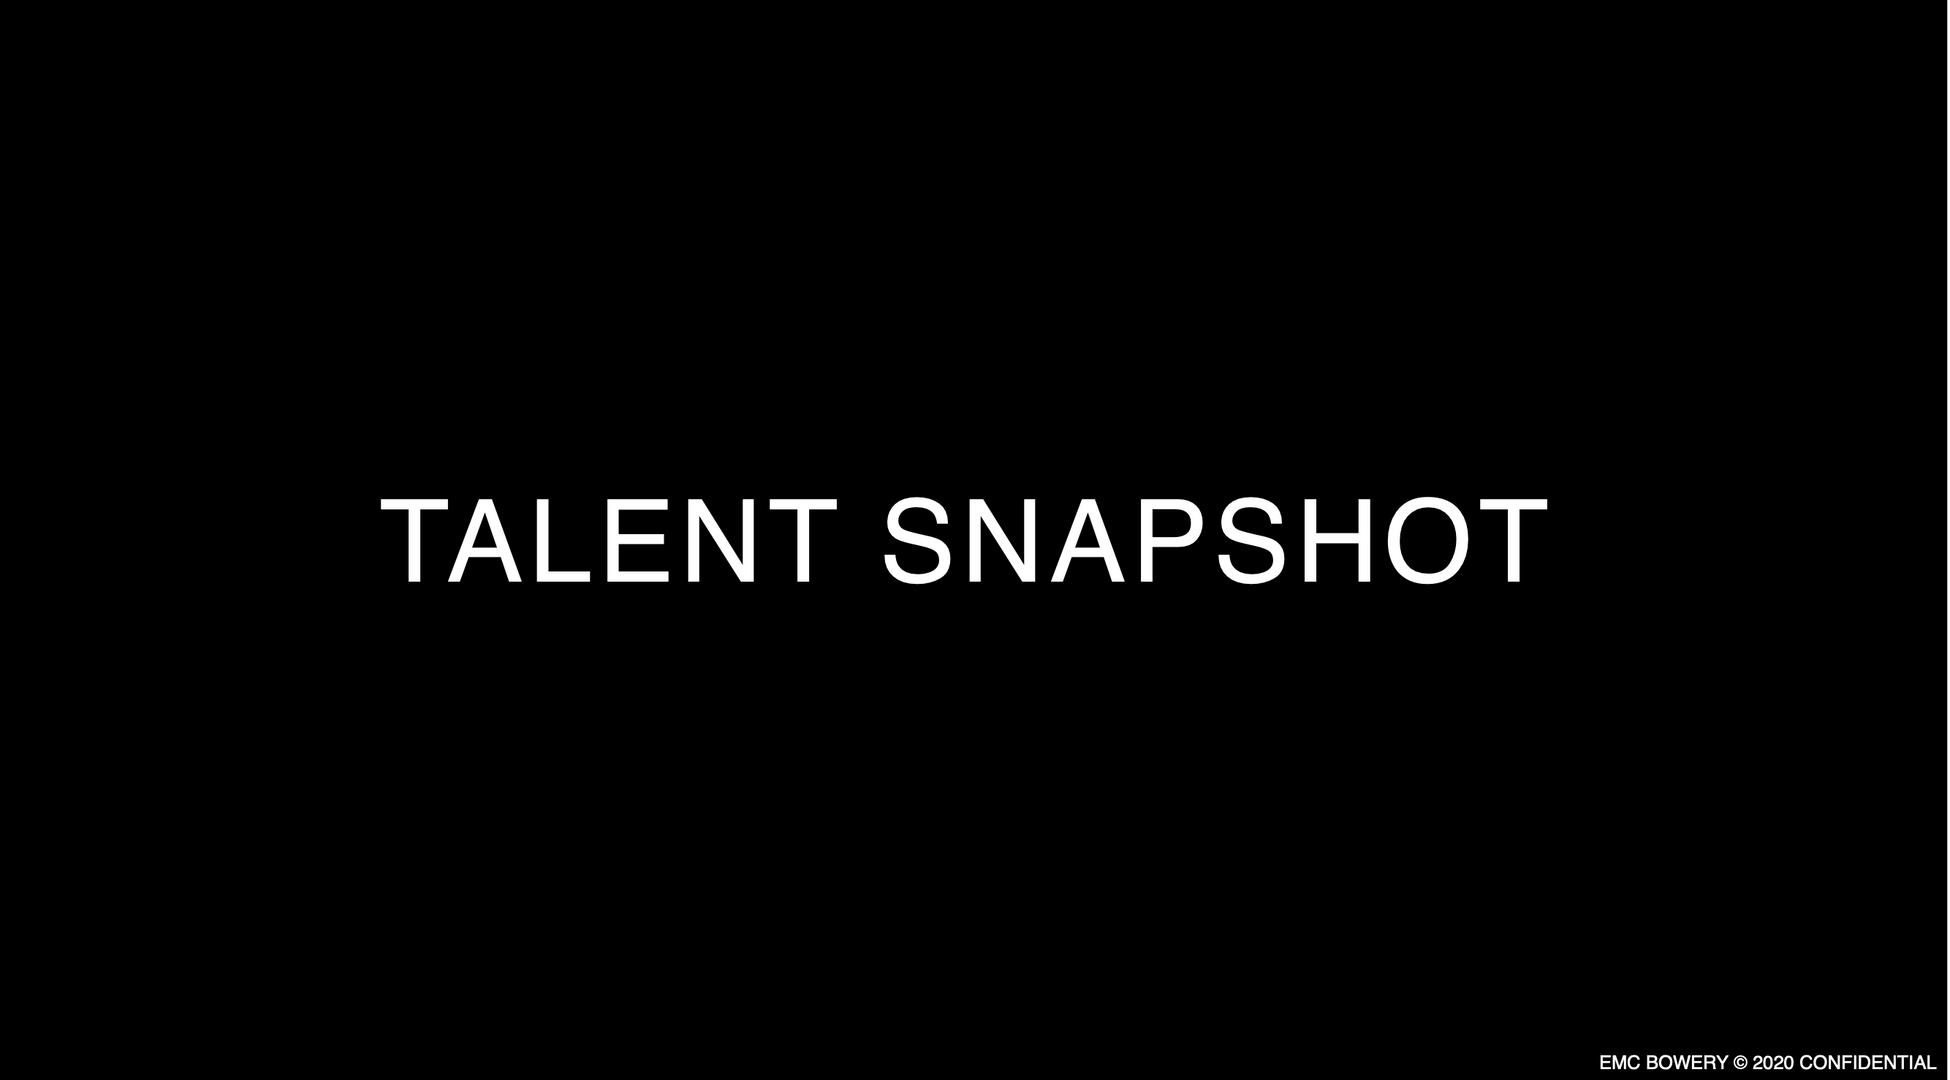 Screen Shot 2020-03-26 at 1.54.13 PM.png